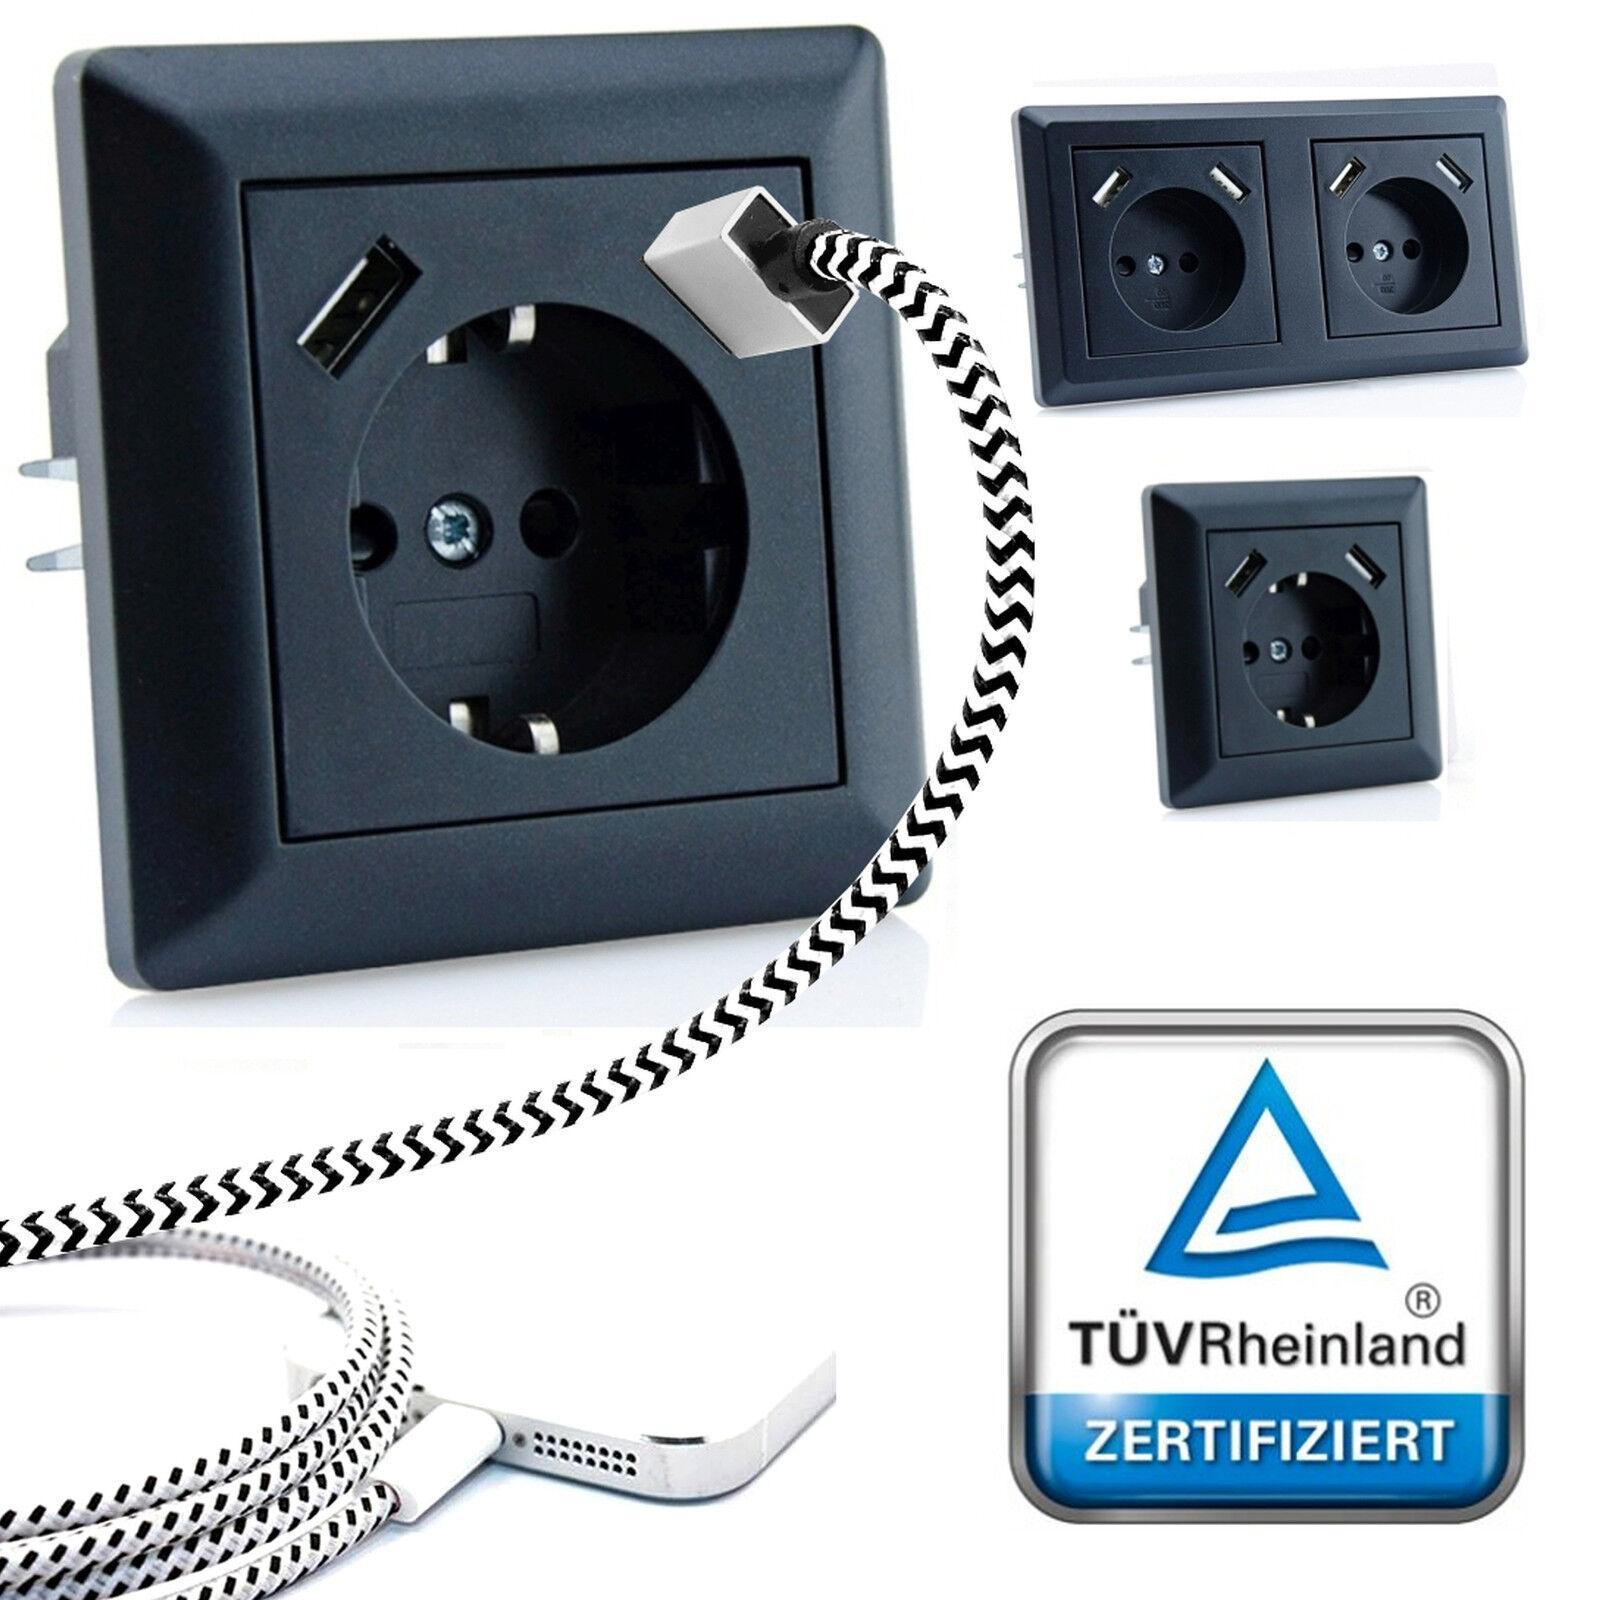 230 V Schuko Steckdose Unterputz 2 x USB Ladegeräte für Gira 55 Schwarz